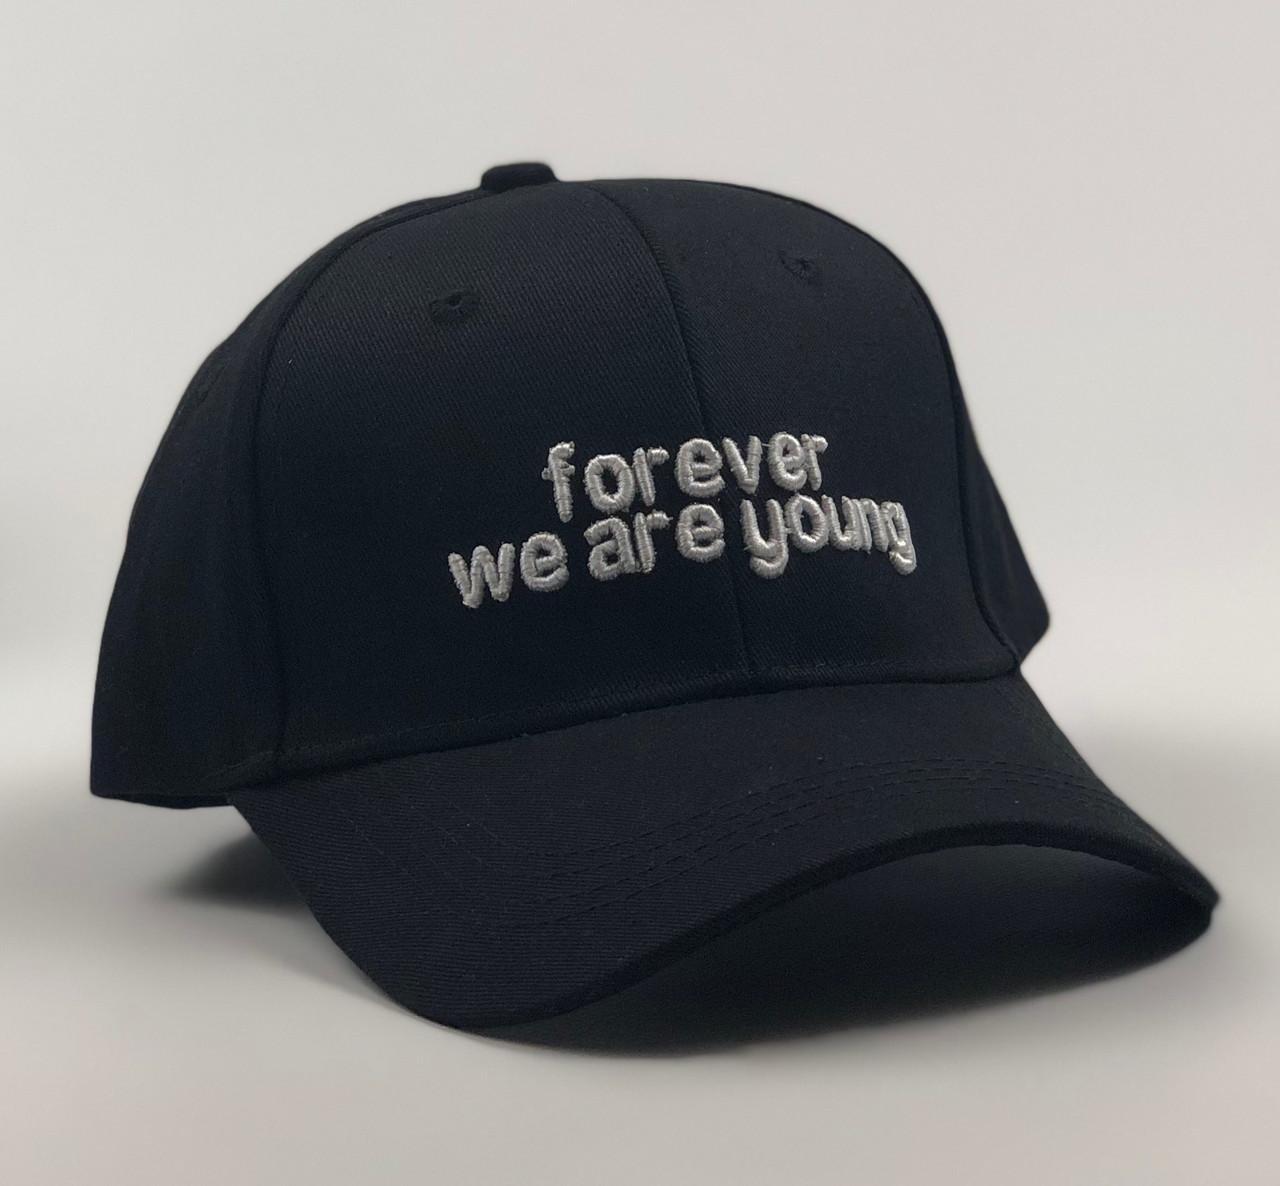 Кепка Бейсболка Мужская Женская City-A с надписью Forever we are young Черная